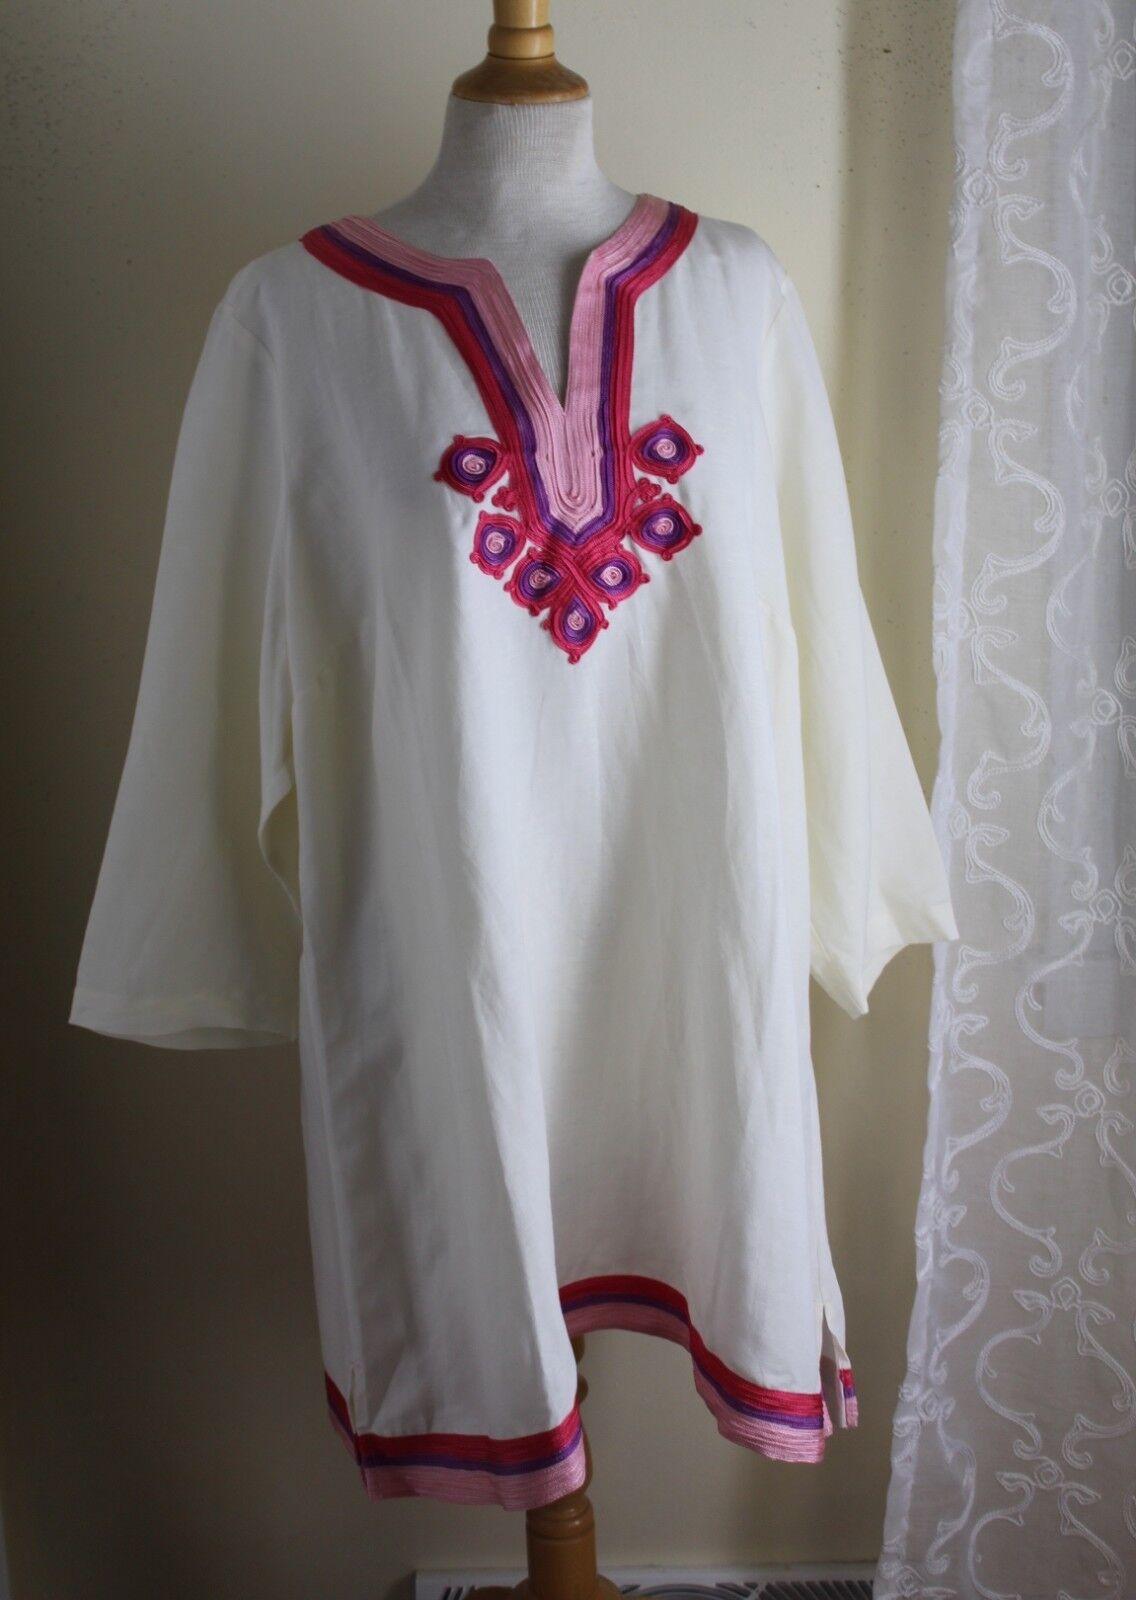 Isaac Mizrahi -Sz 2X Rich Ivory Woven Persian Linen Tunic Shirt Top Art-Wear